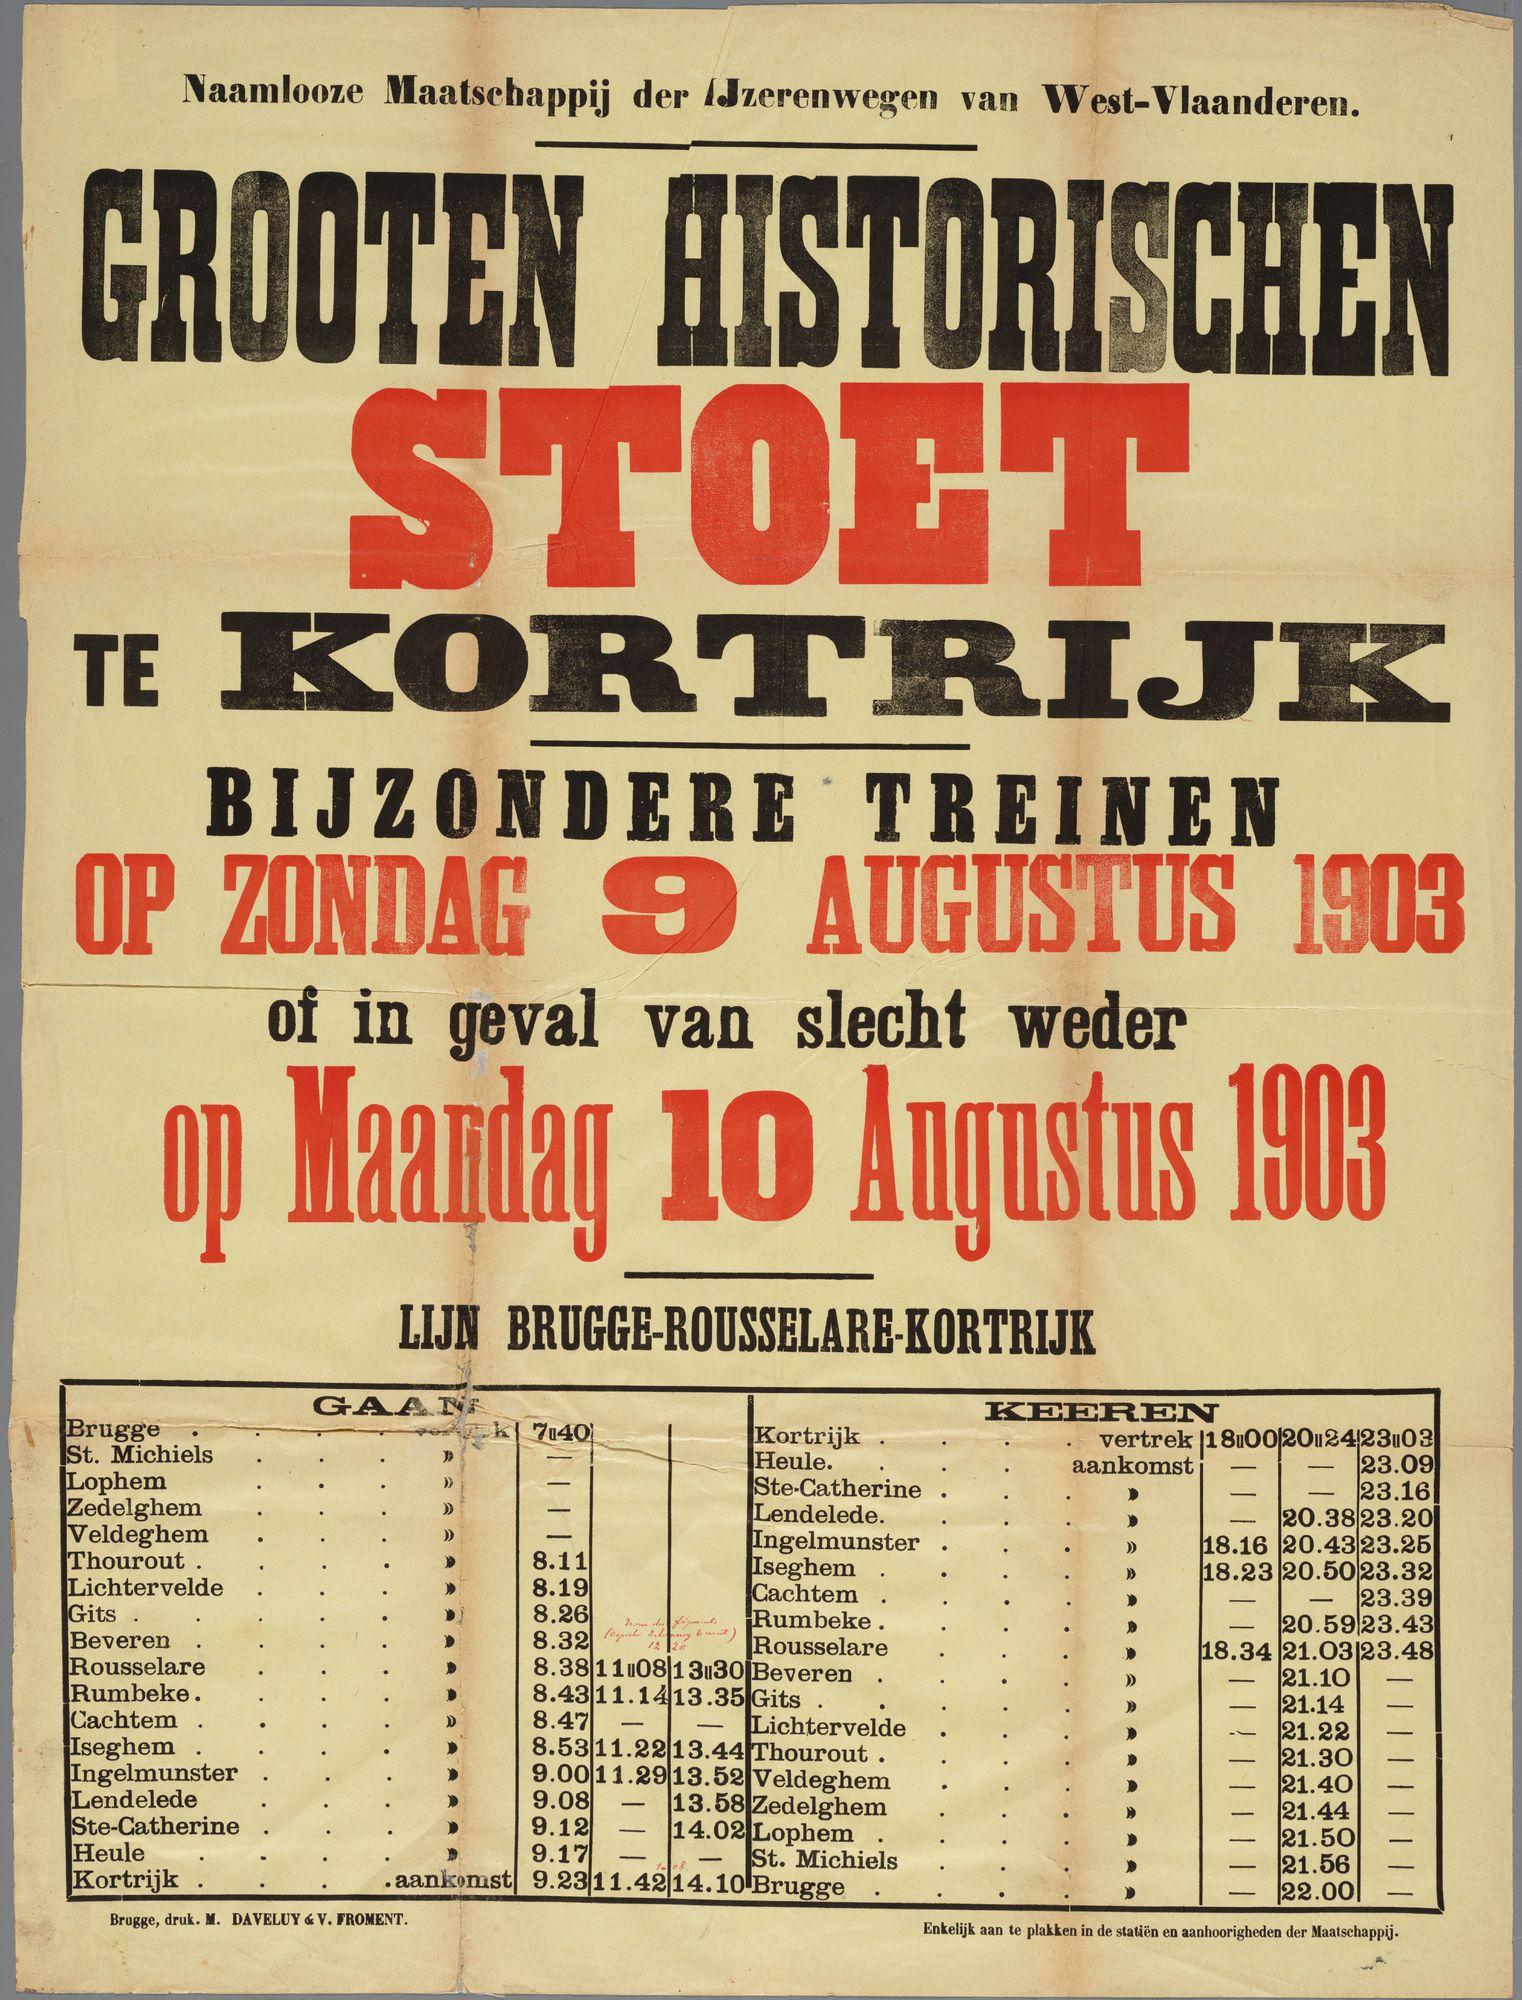 Historische stoet 1903